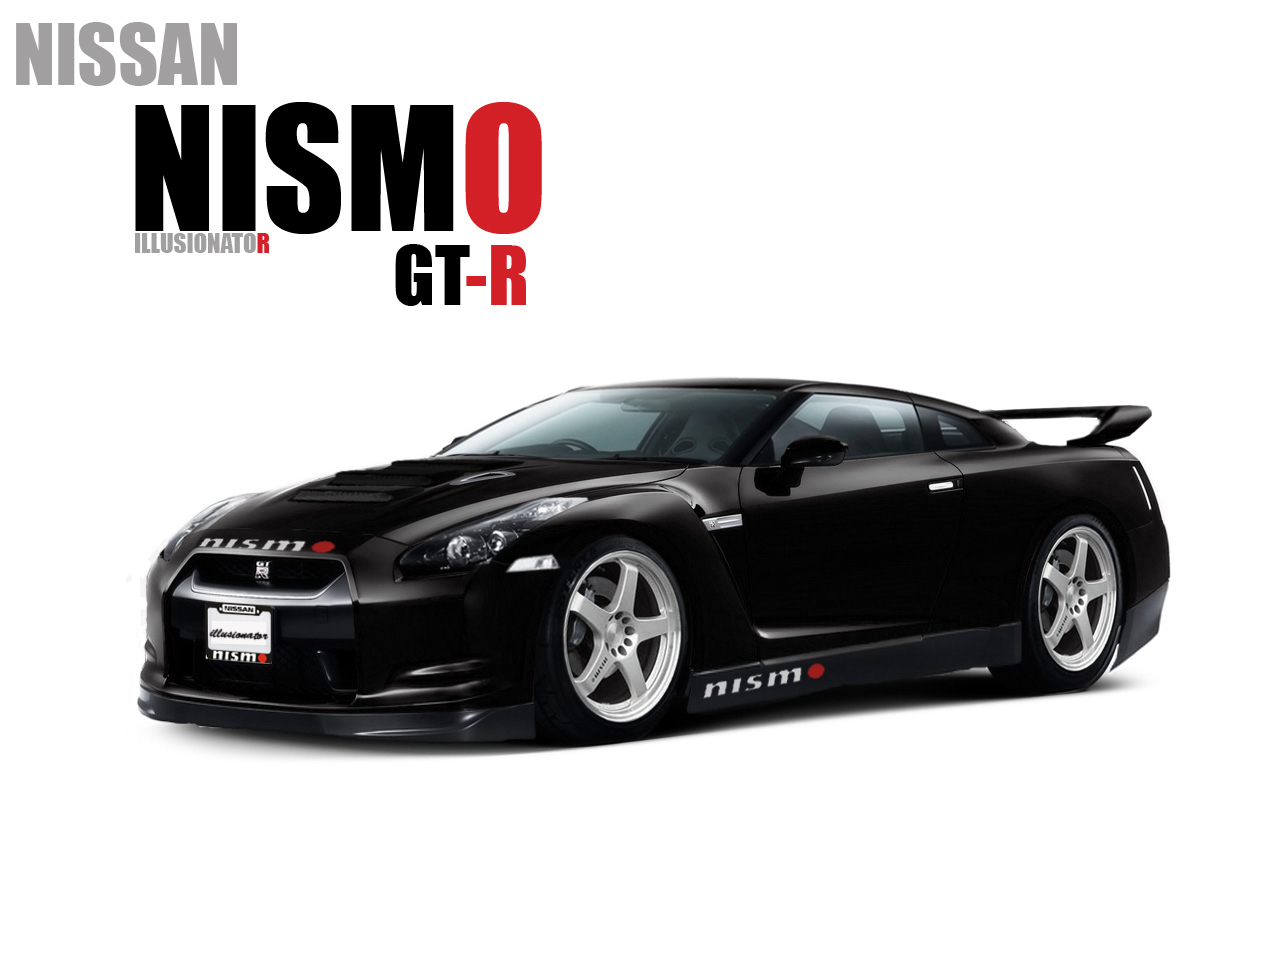 Nismo_GTR_atd